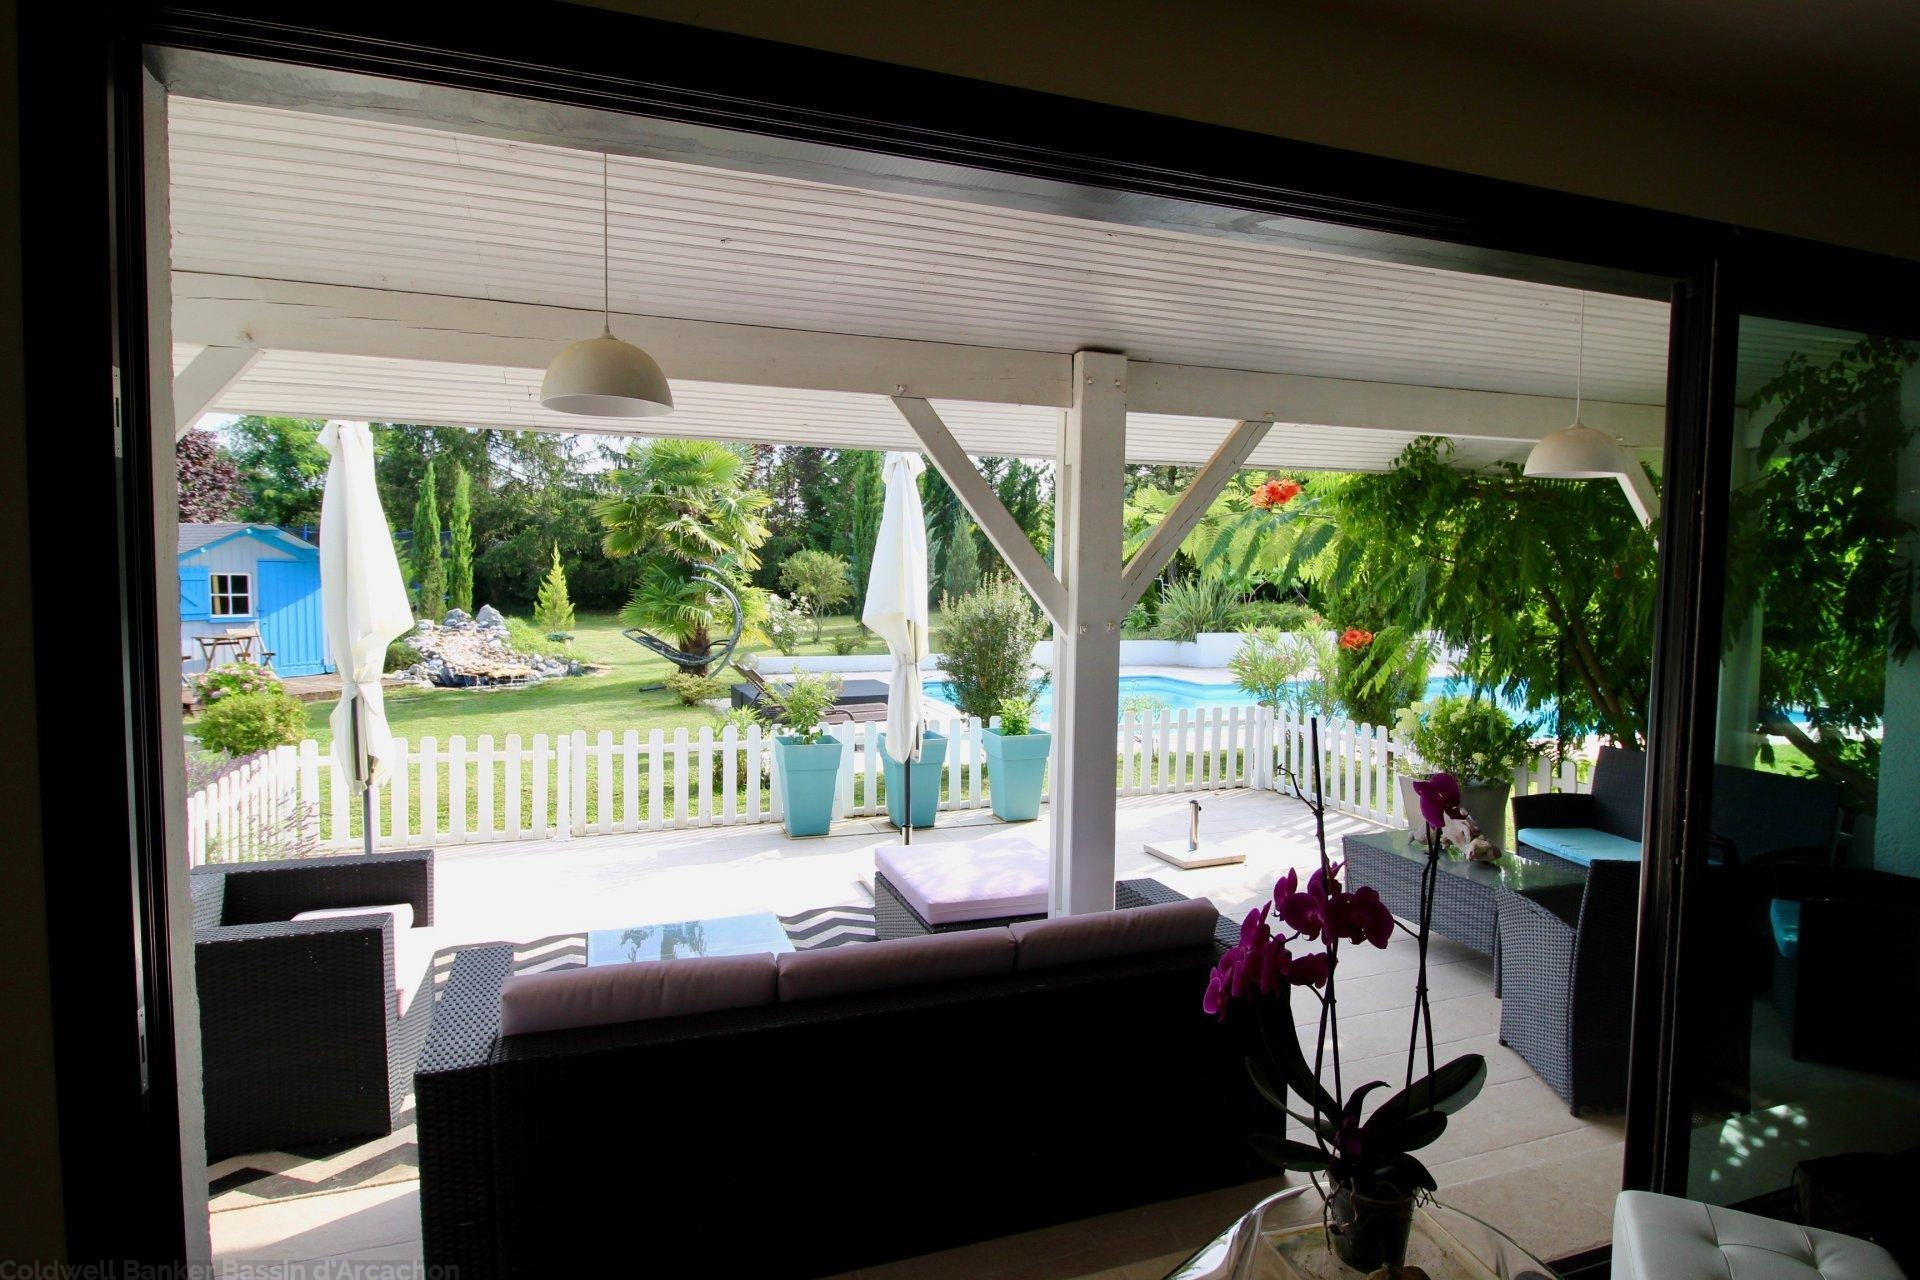 Vente maison familiale 6 chambres près de Bordeaux